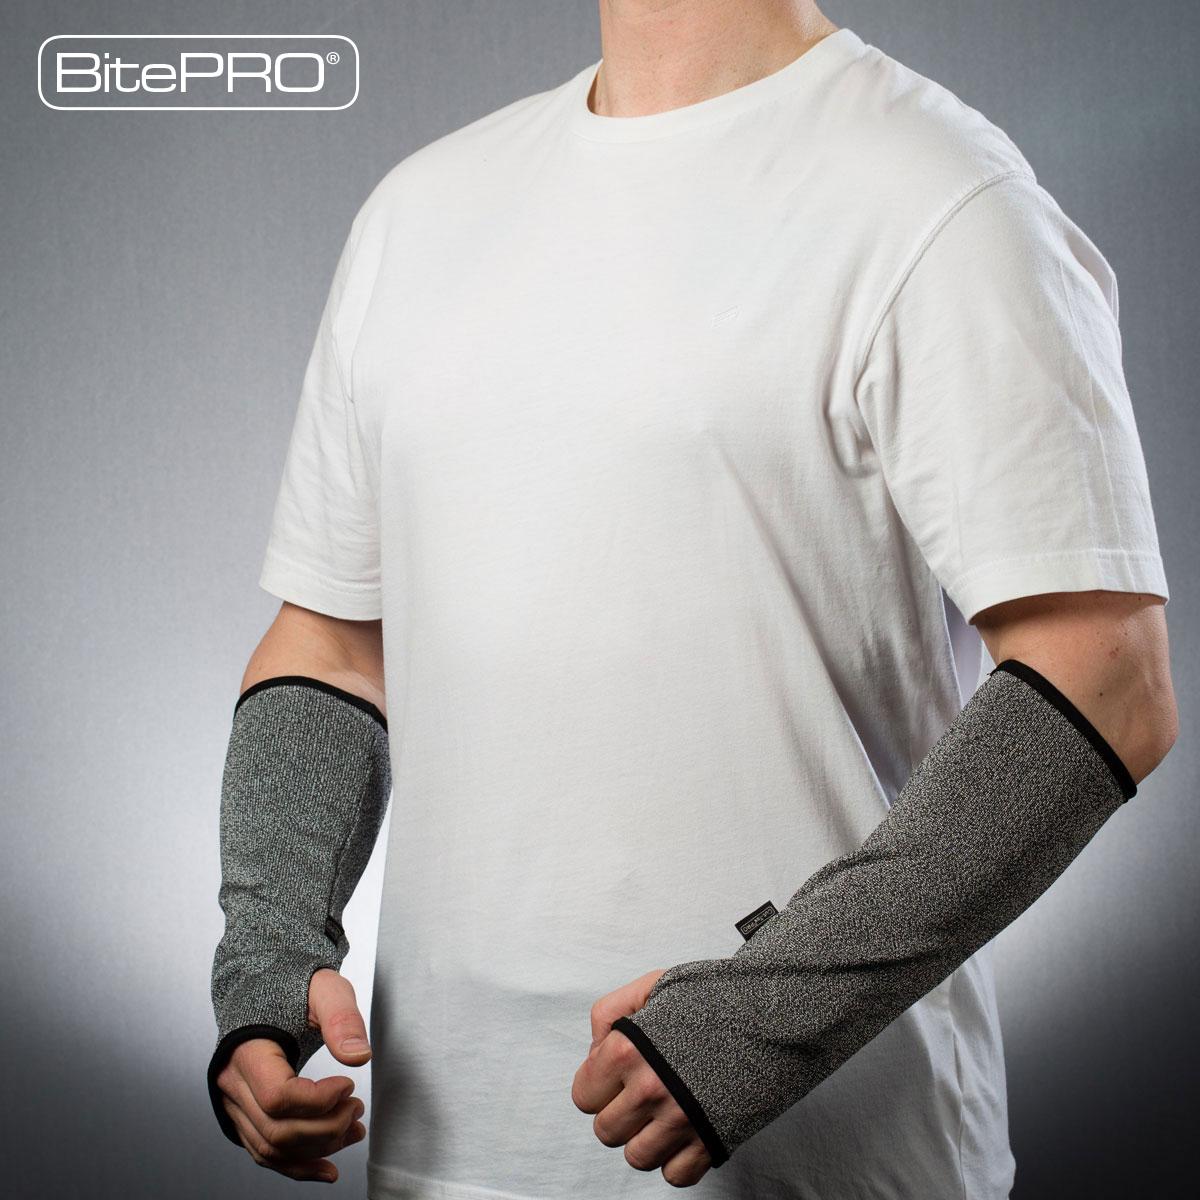 BitePRO® Bißschutz-Kleidung arm schutz